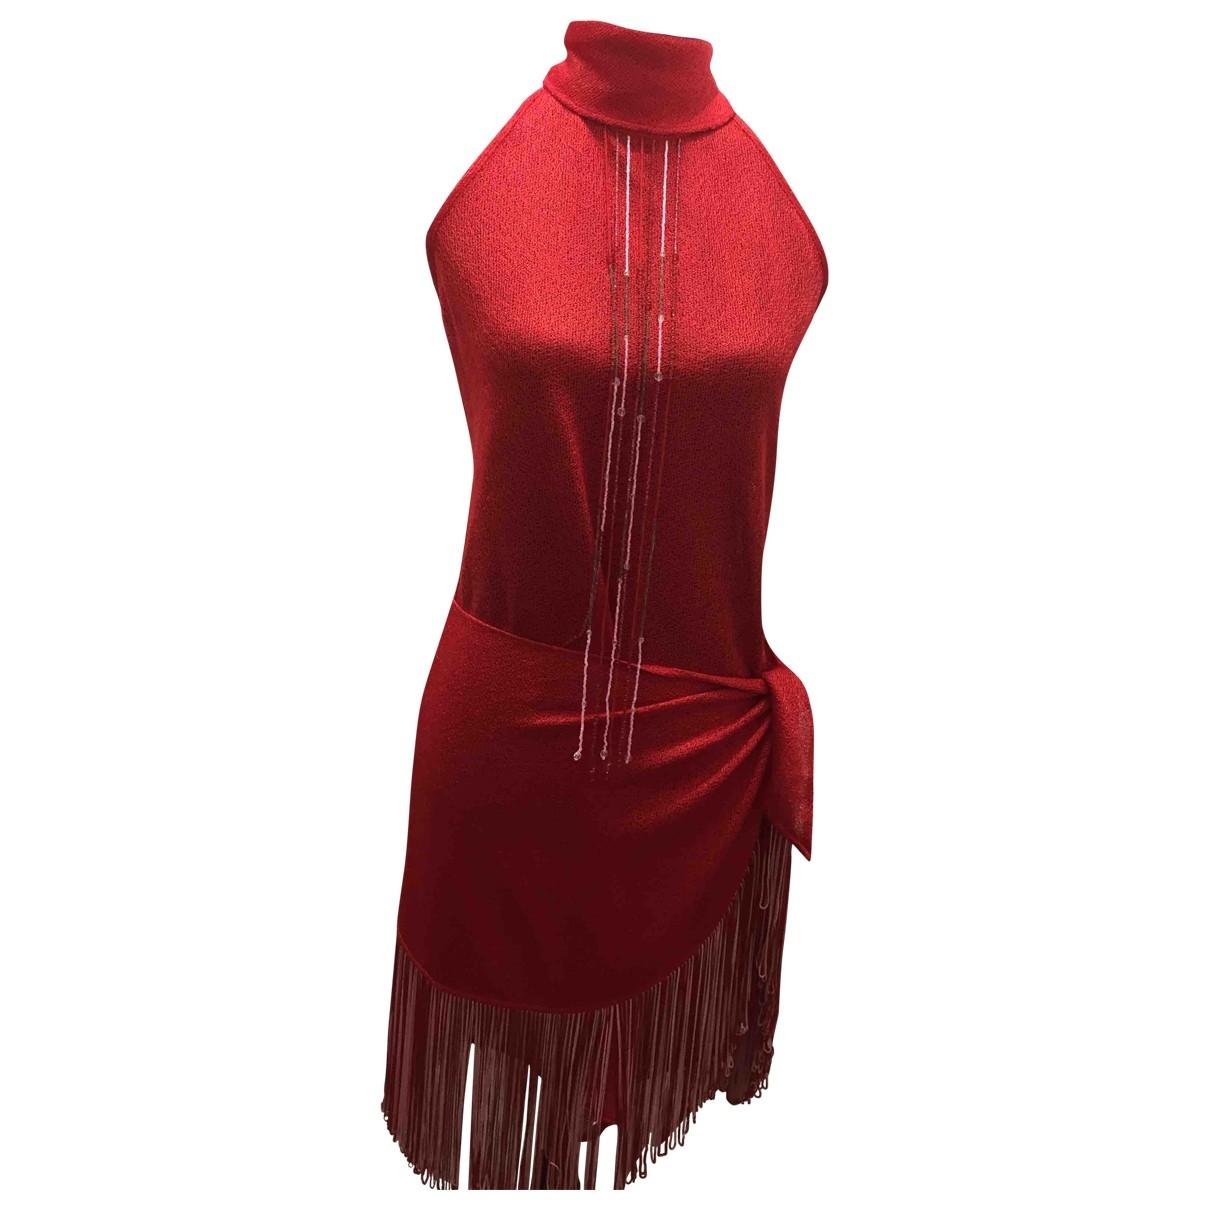 La Perla \N Red dress for Women 44 IT